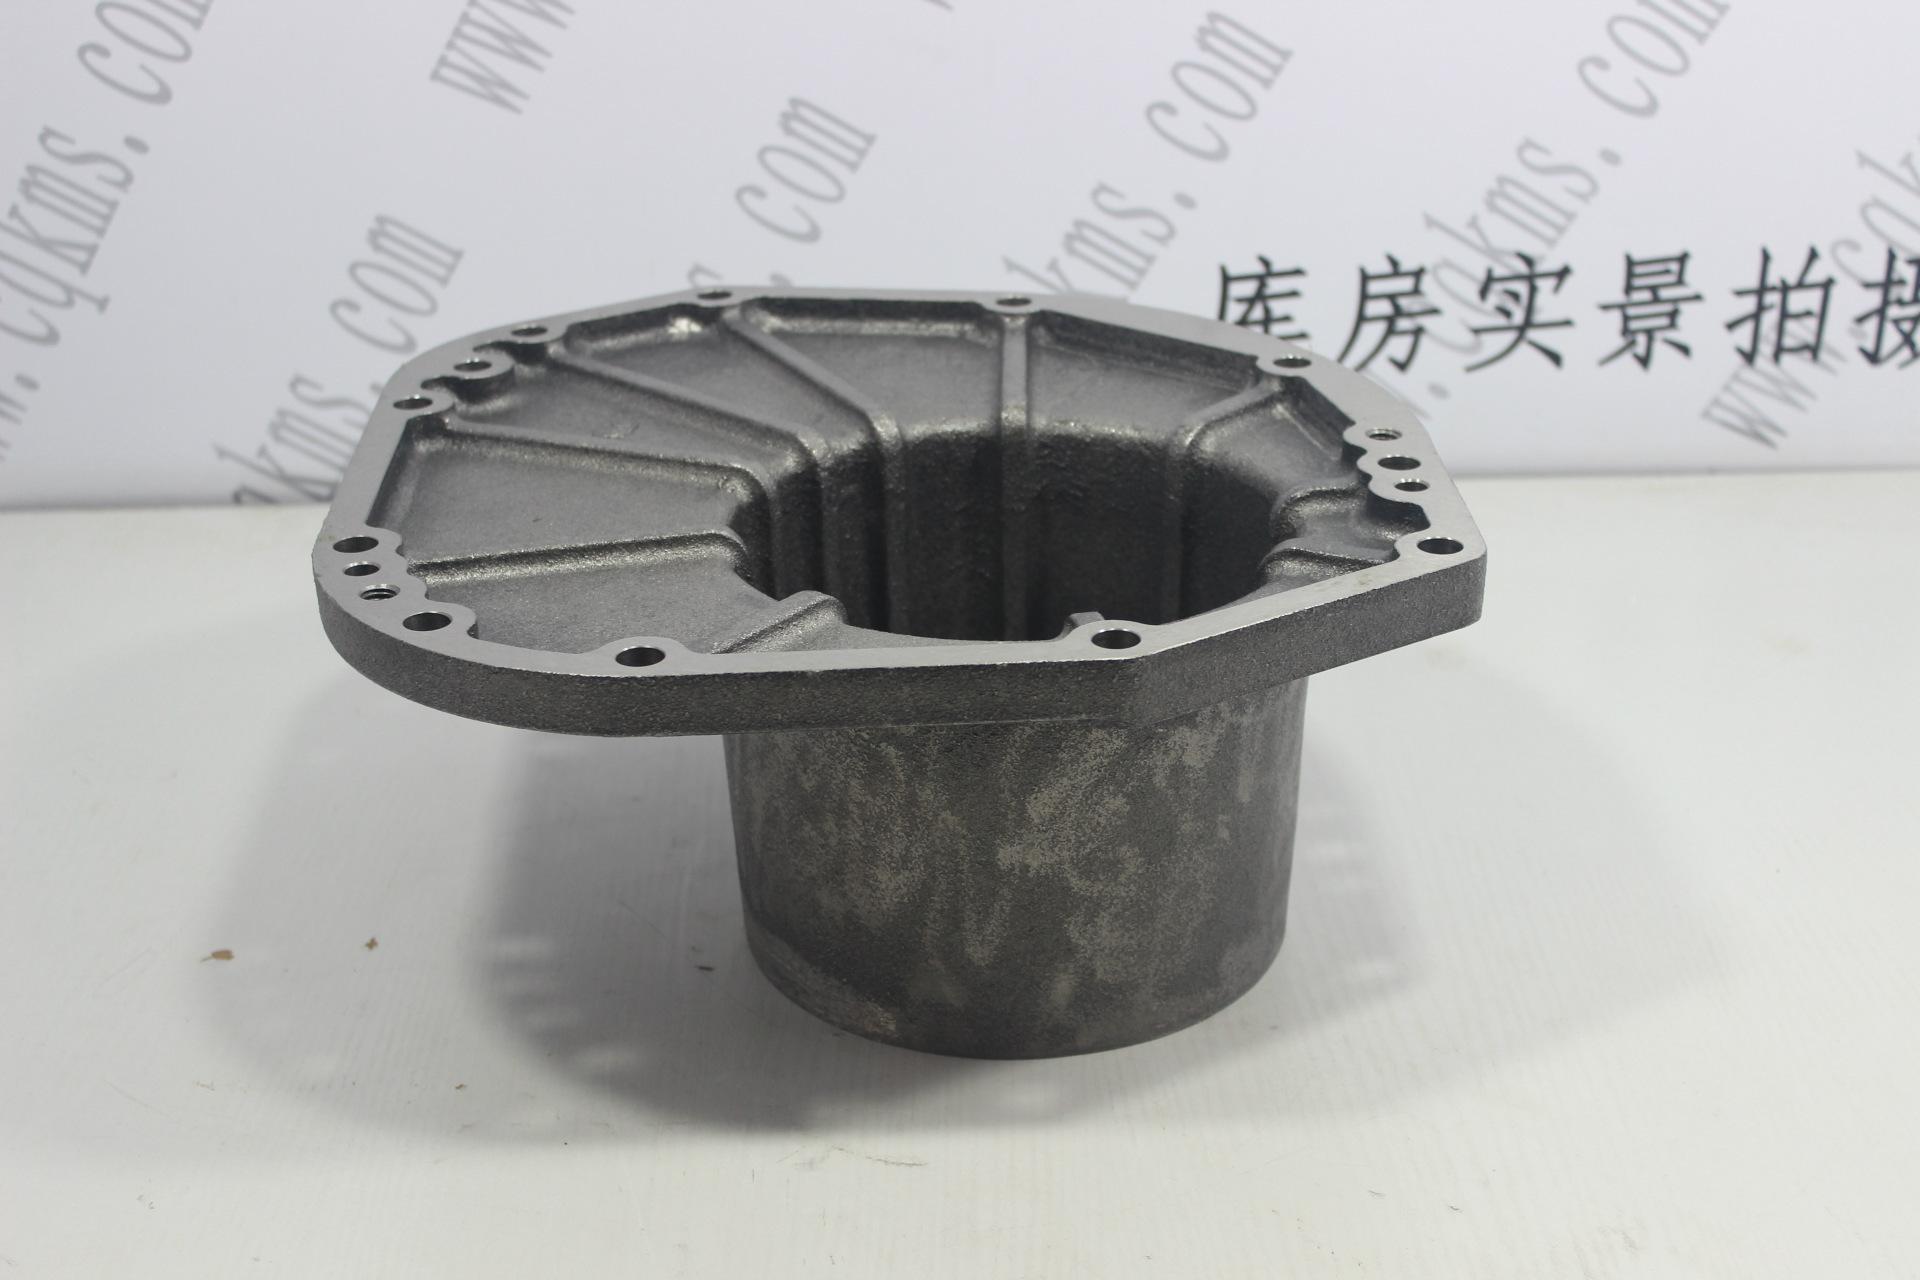 kms06485-3008812-海水泵支架图片4